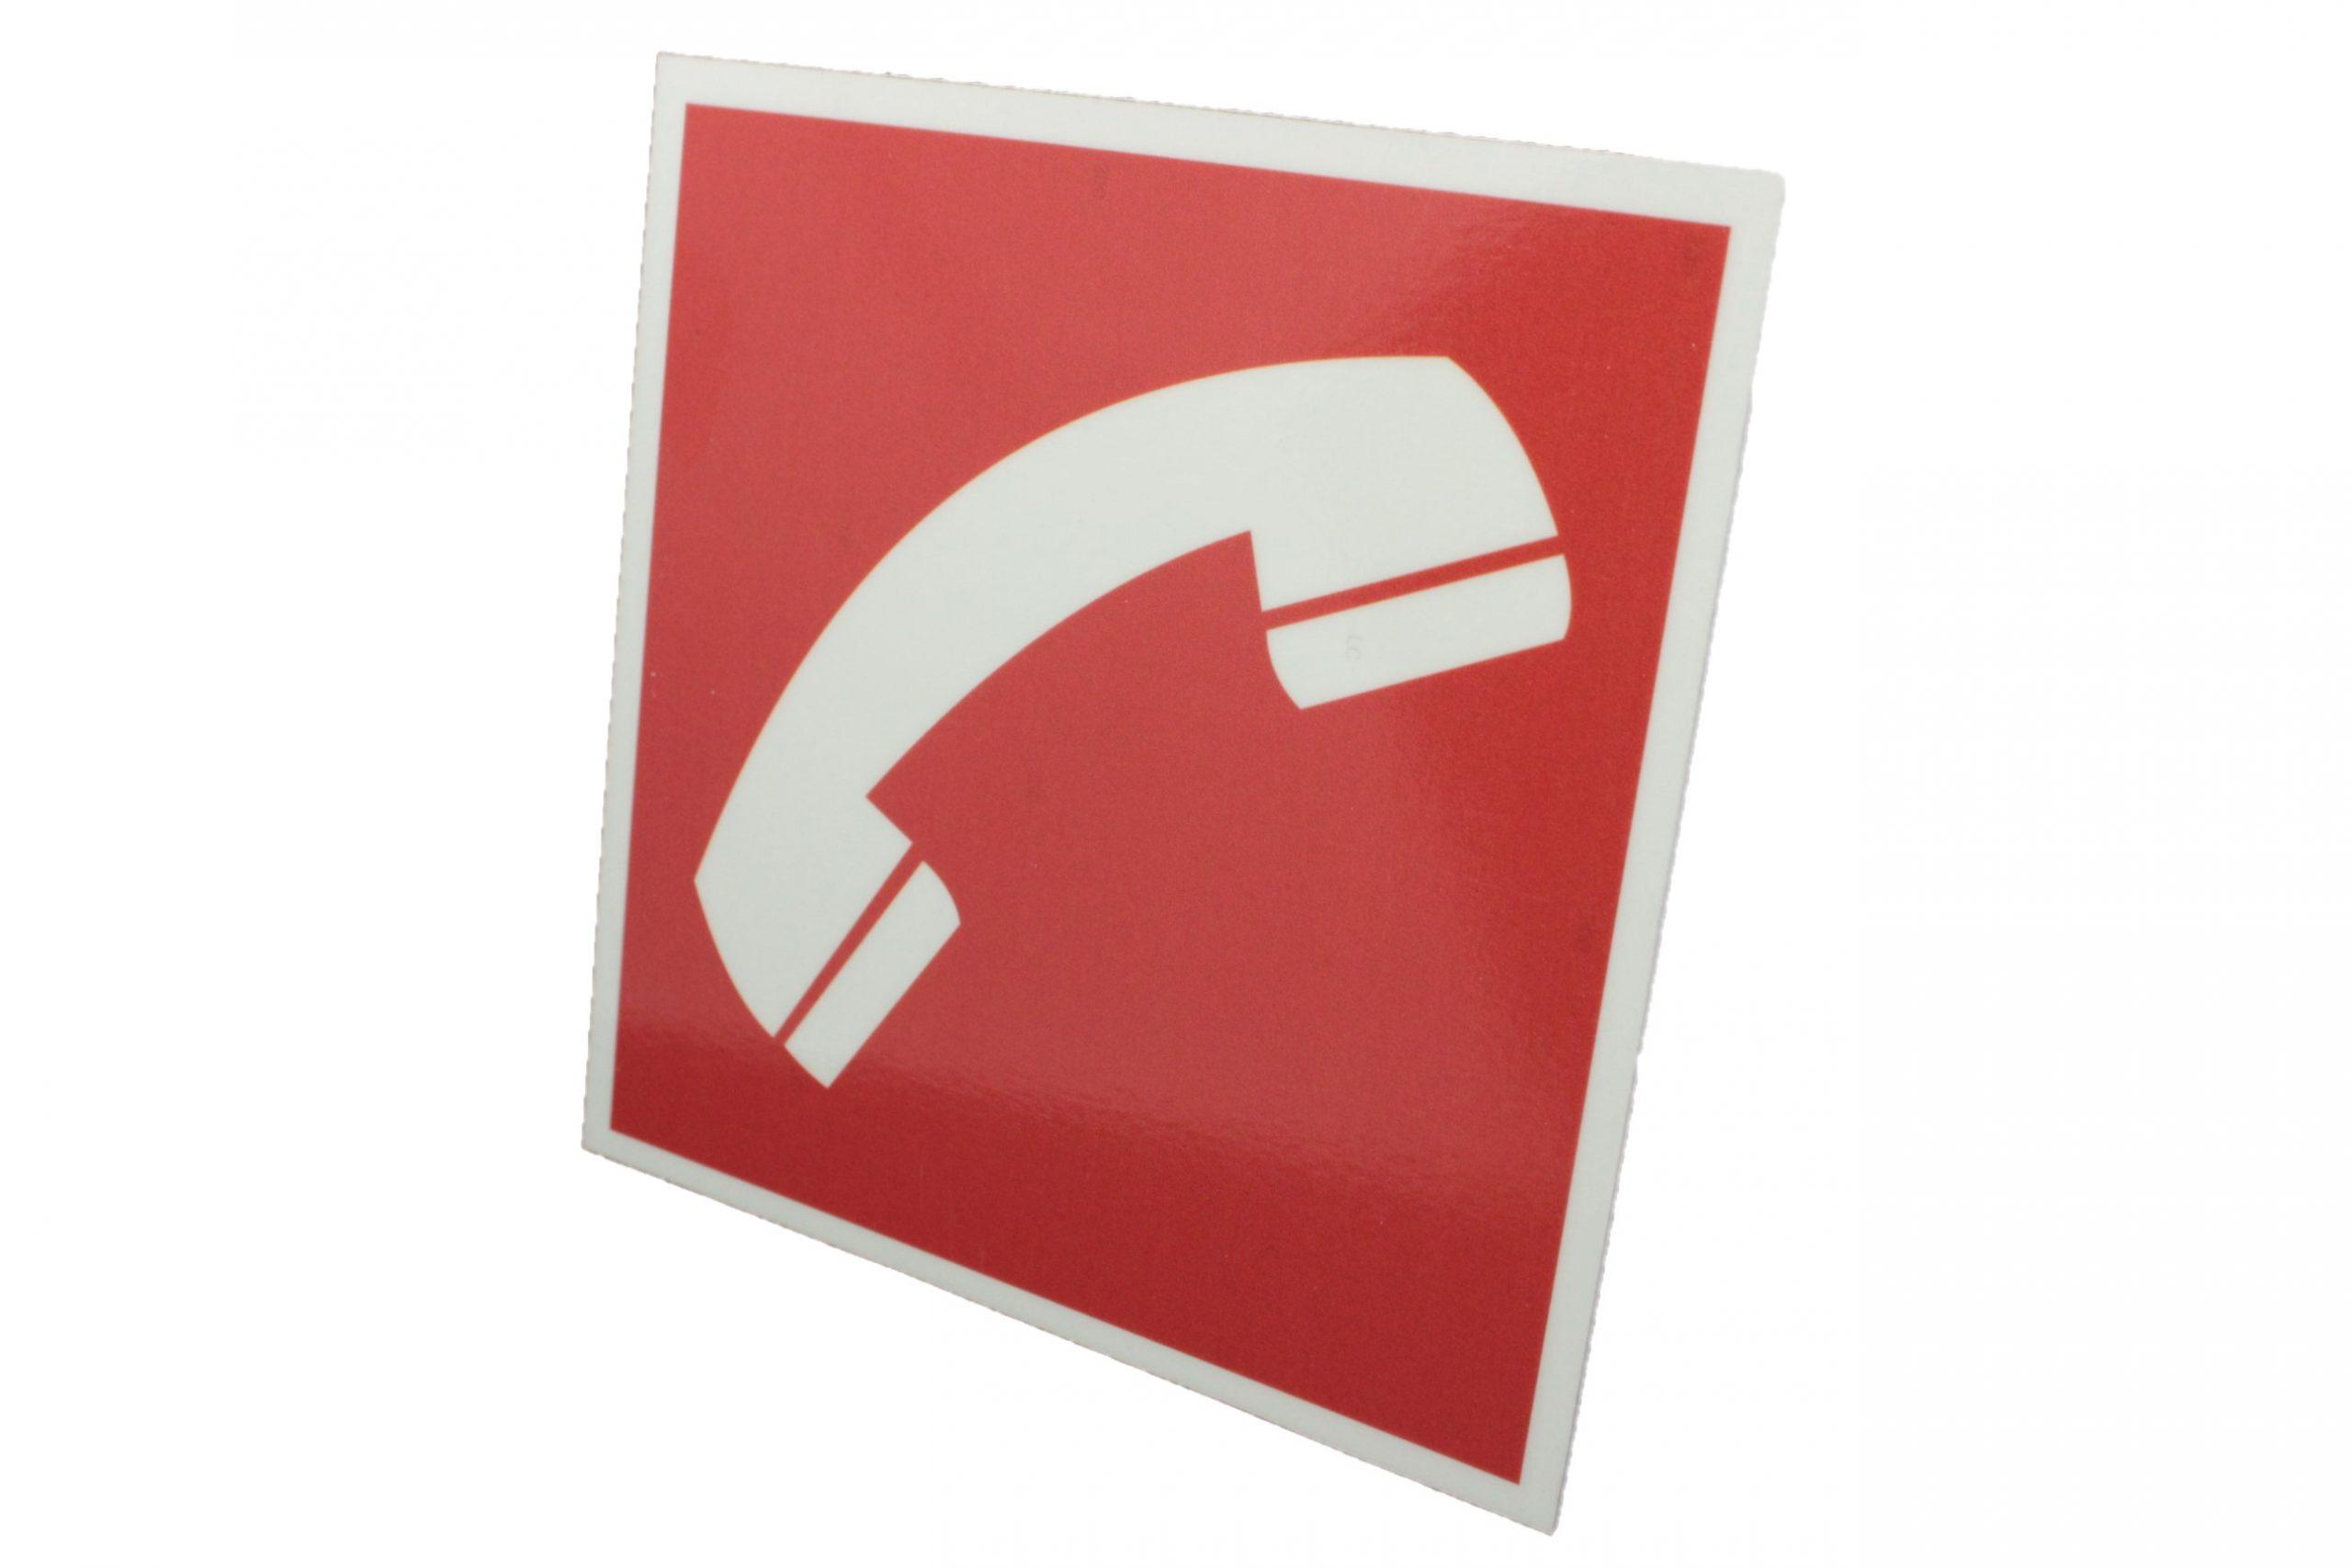 Пожарный знак Телефон вызова пожарной охраны